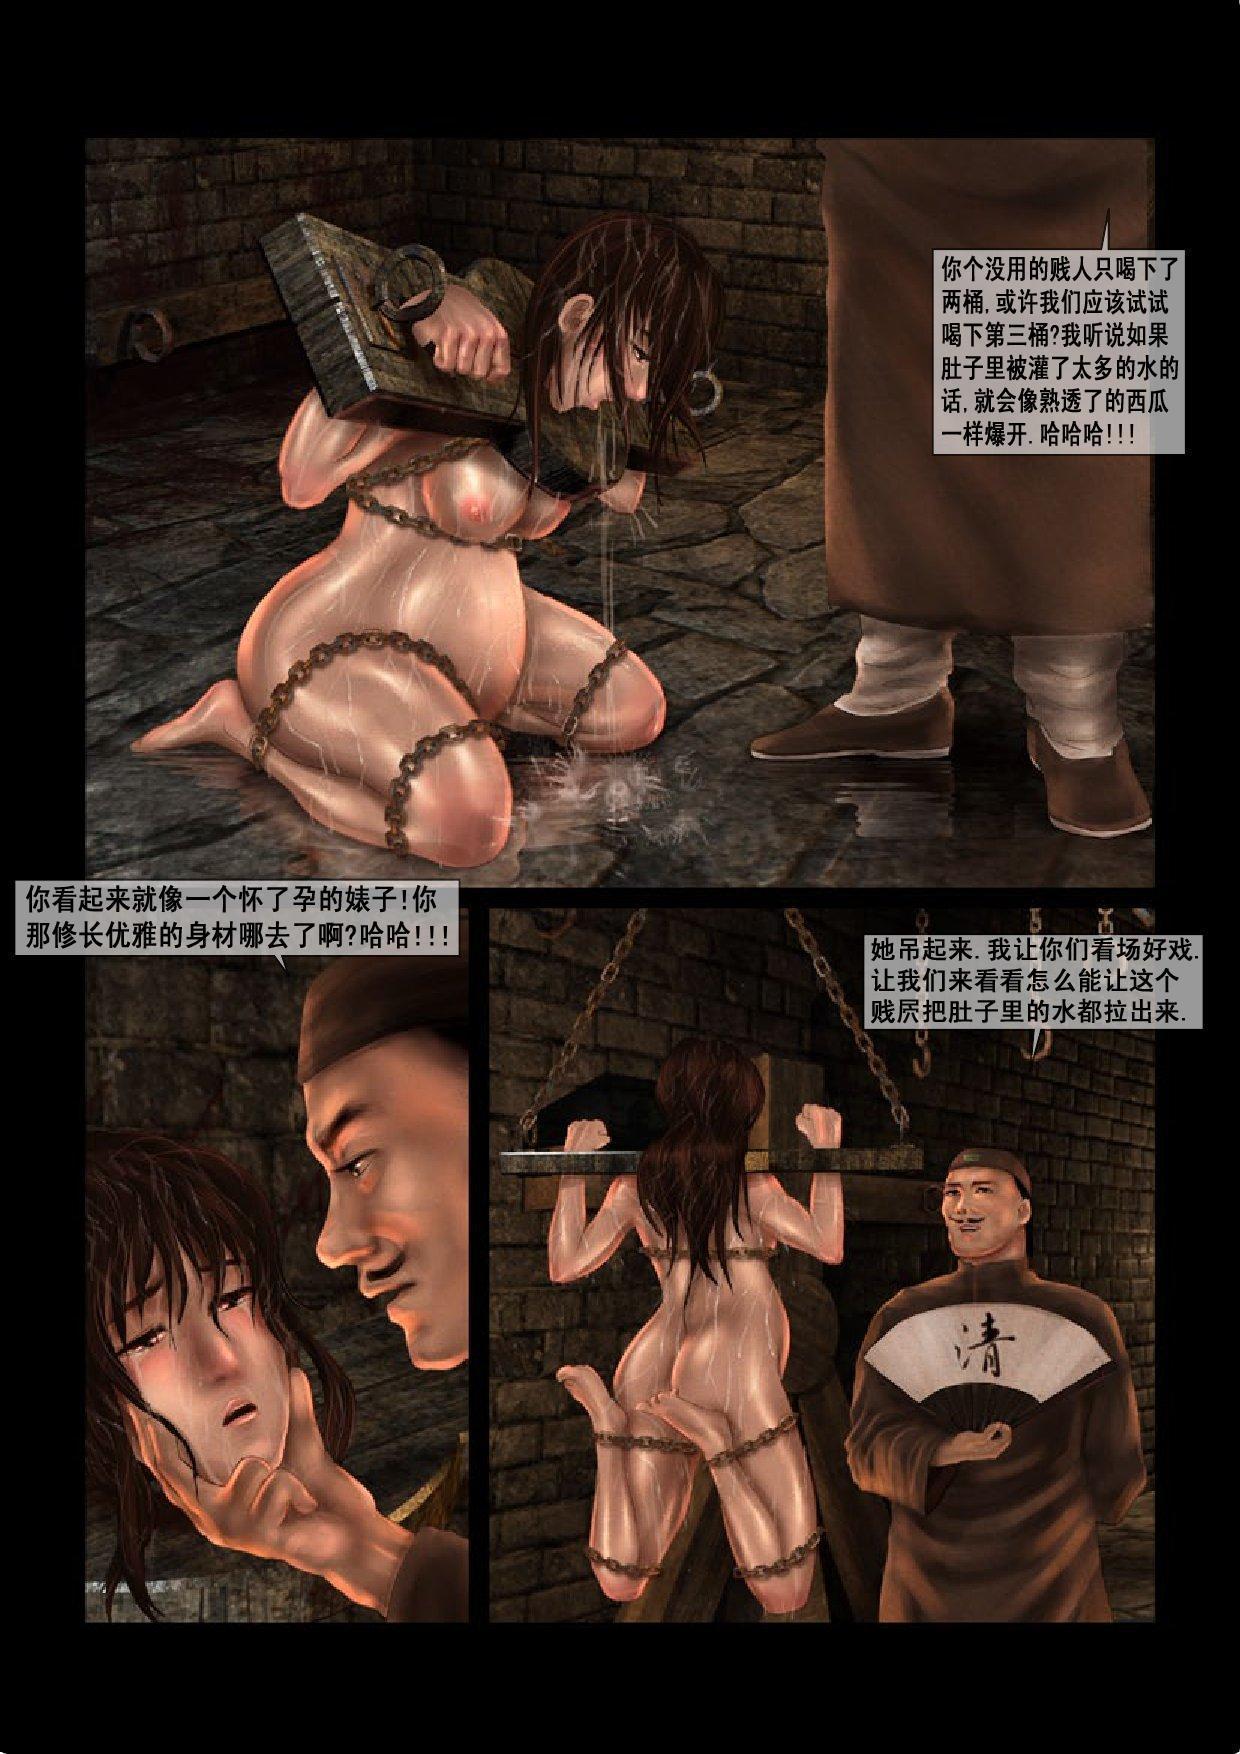 中国军阀的性奴1 32